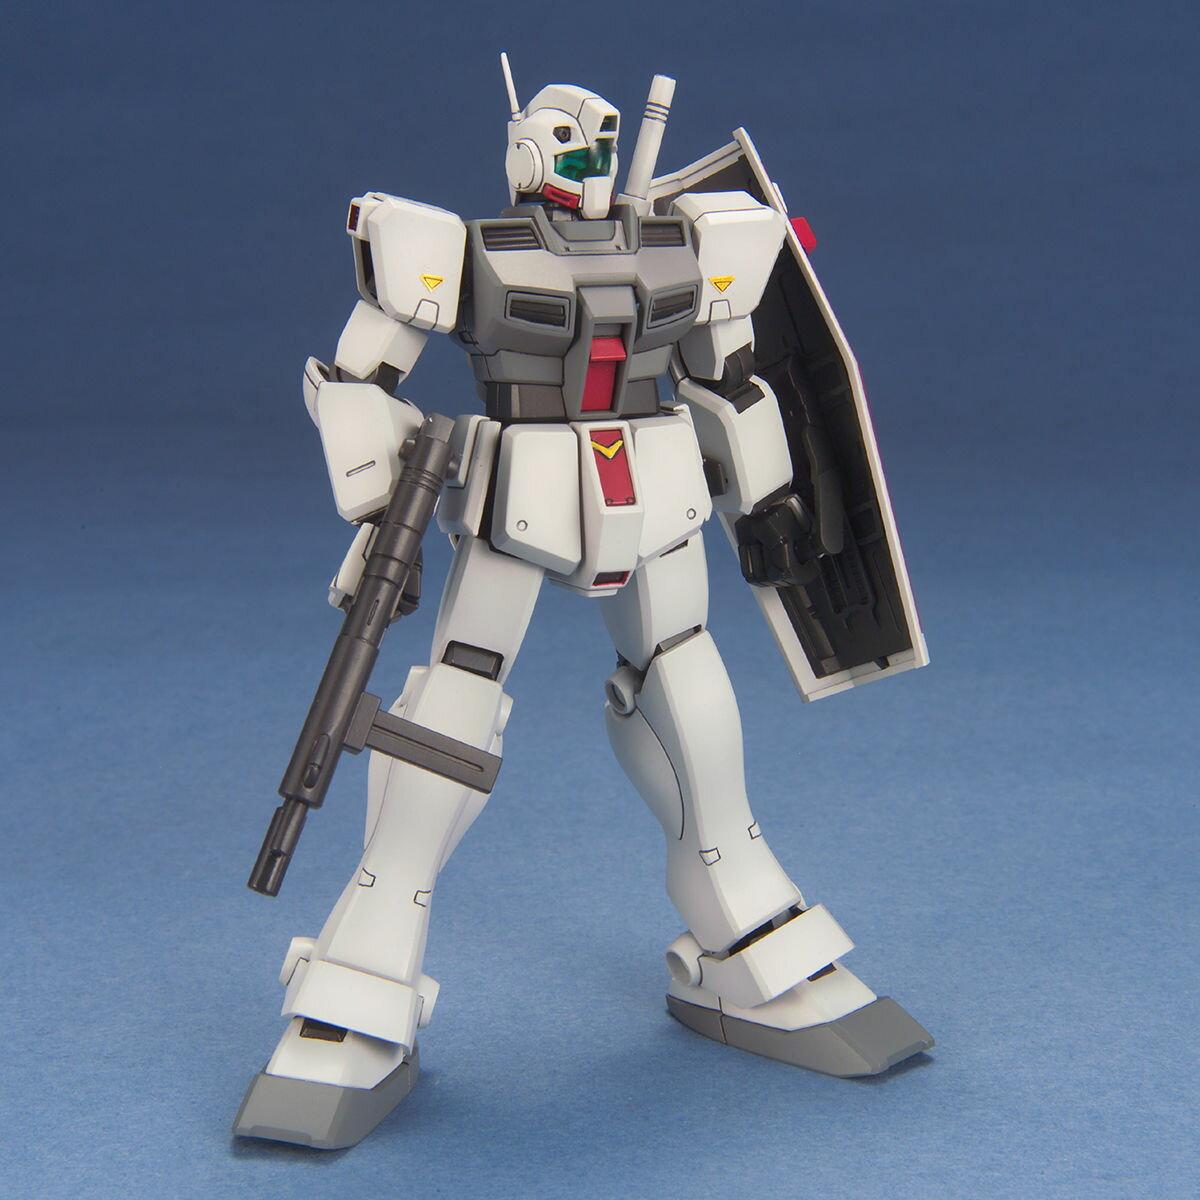 プラモデル・模型, ロボット HGUC 038 1144